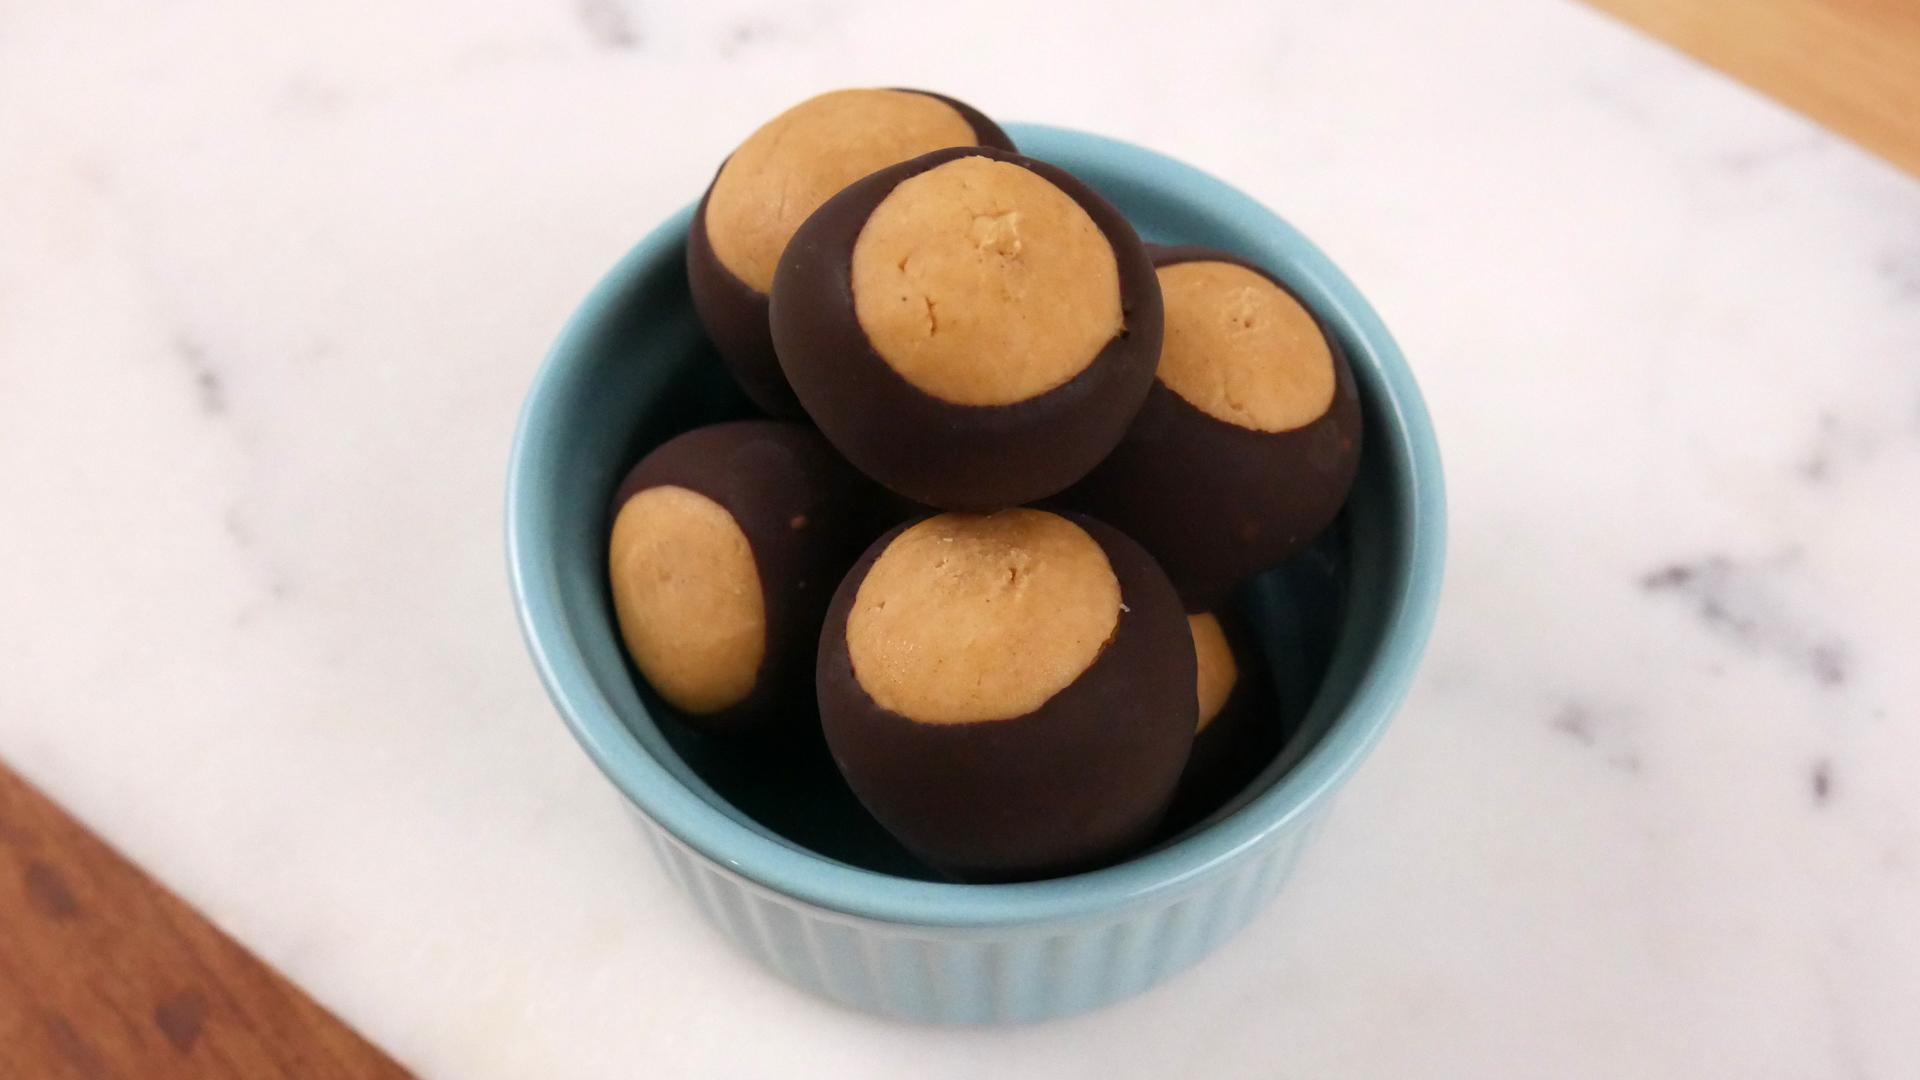 Bombom de Manteiga de Amendoim (Buckeye)